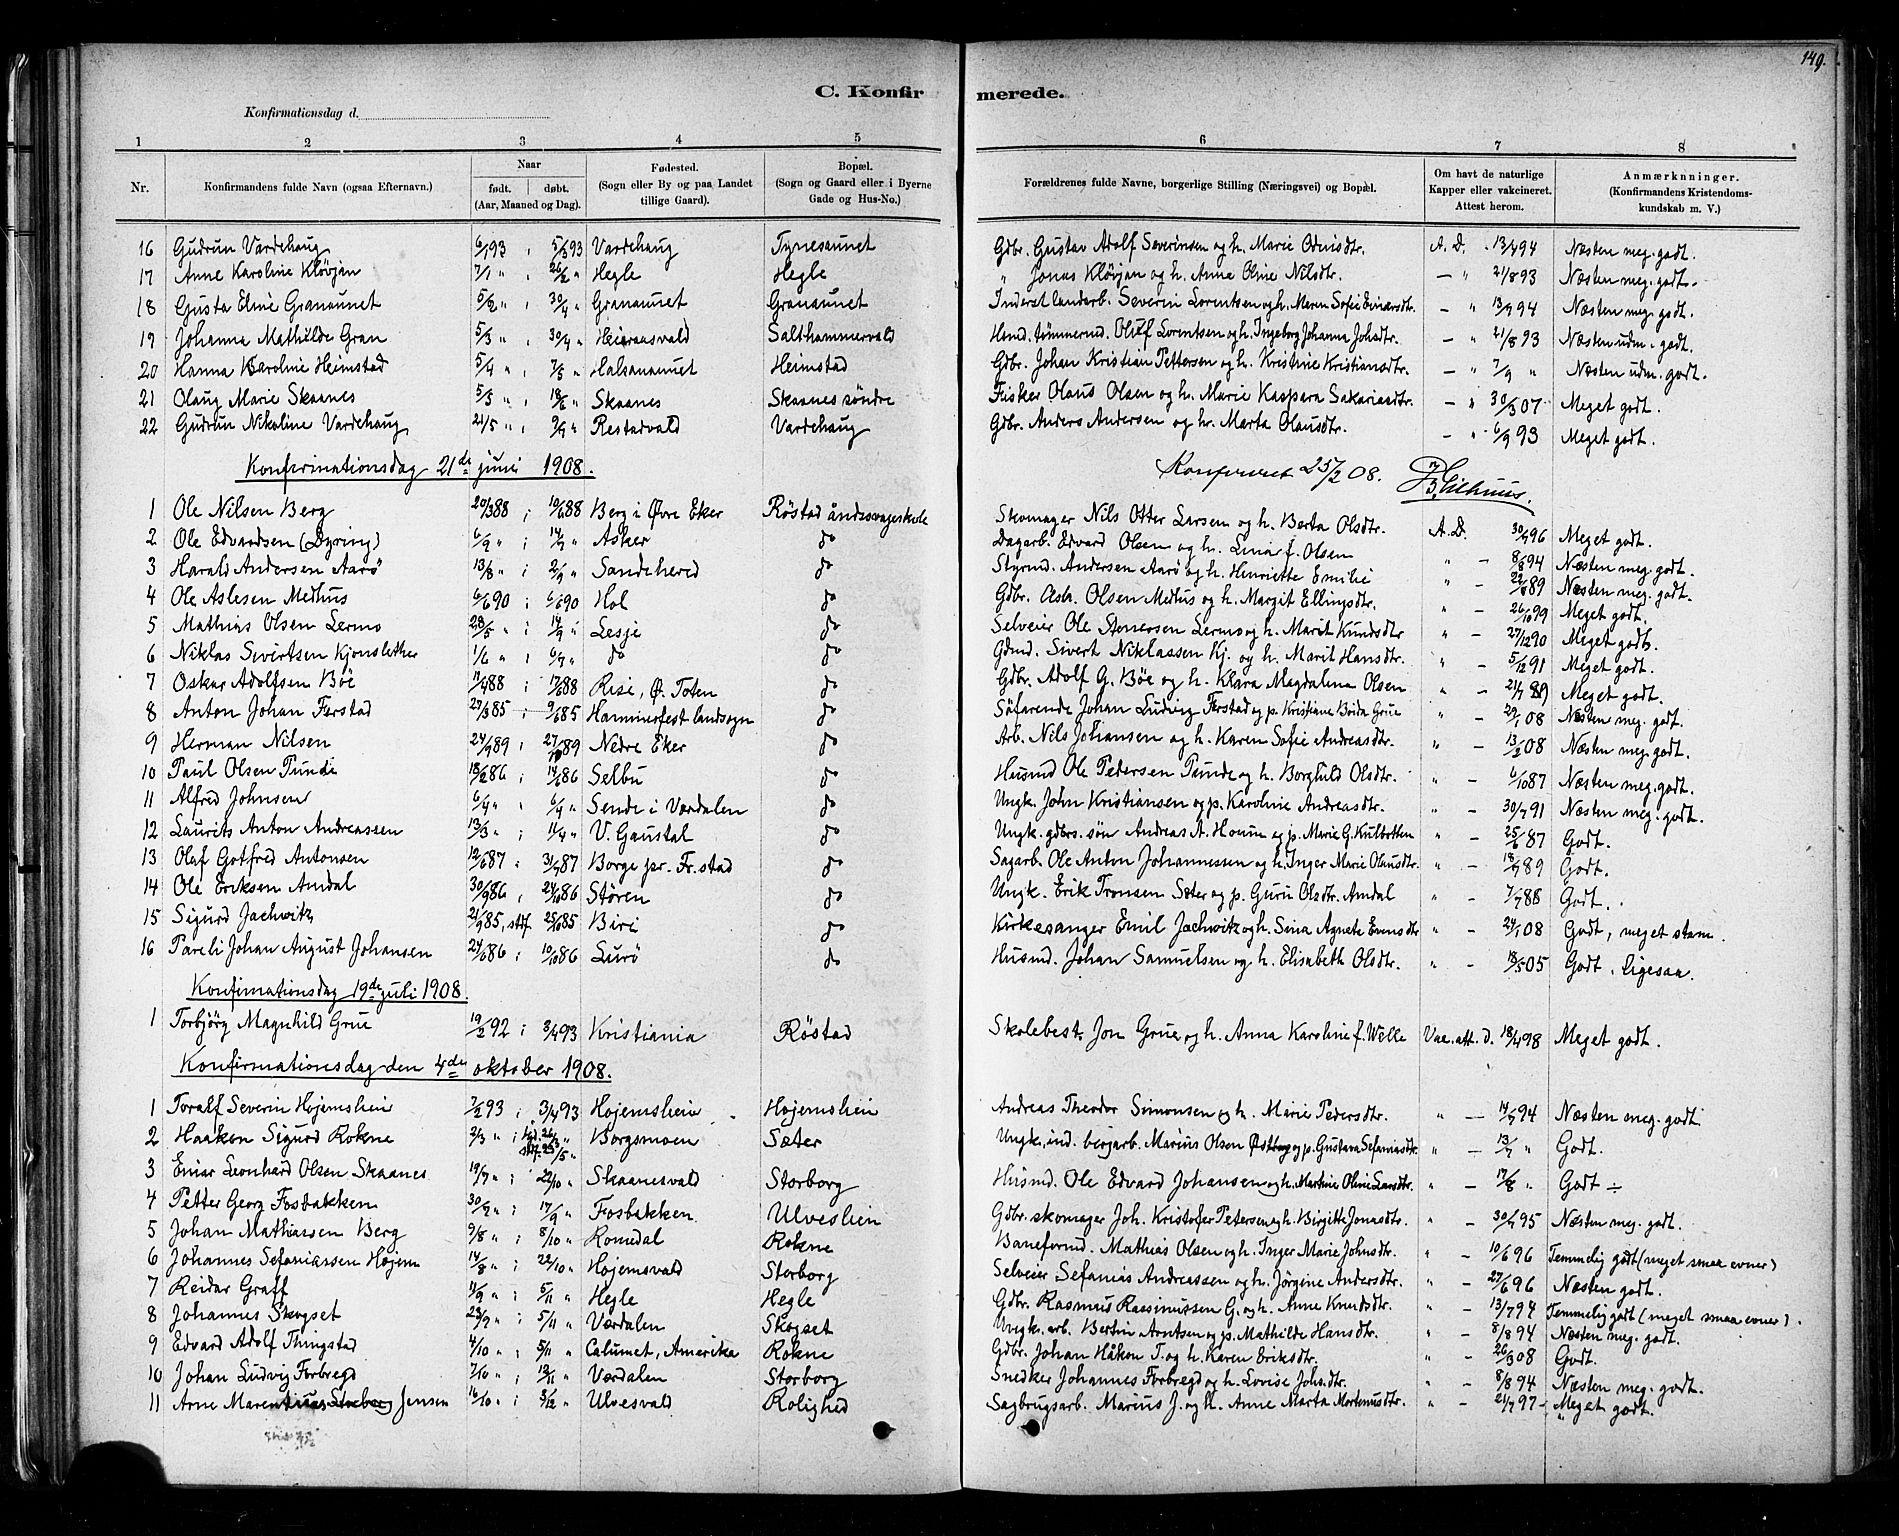 SAT, Ministerialprotokoller, klokkerbøker og fødselsregistre - Nord-Trøndelag, 721/L0208: Klokkerbok nr. 721C01, 1880-1917, s. 149